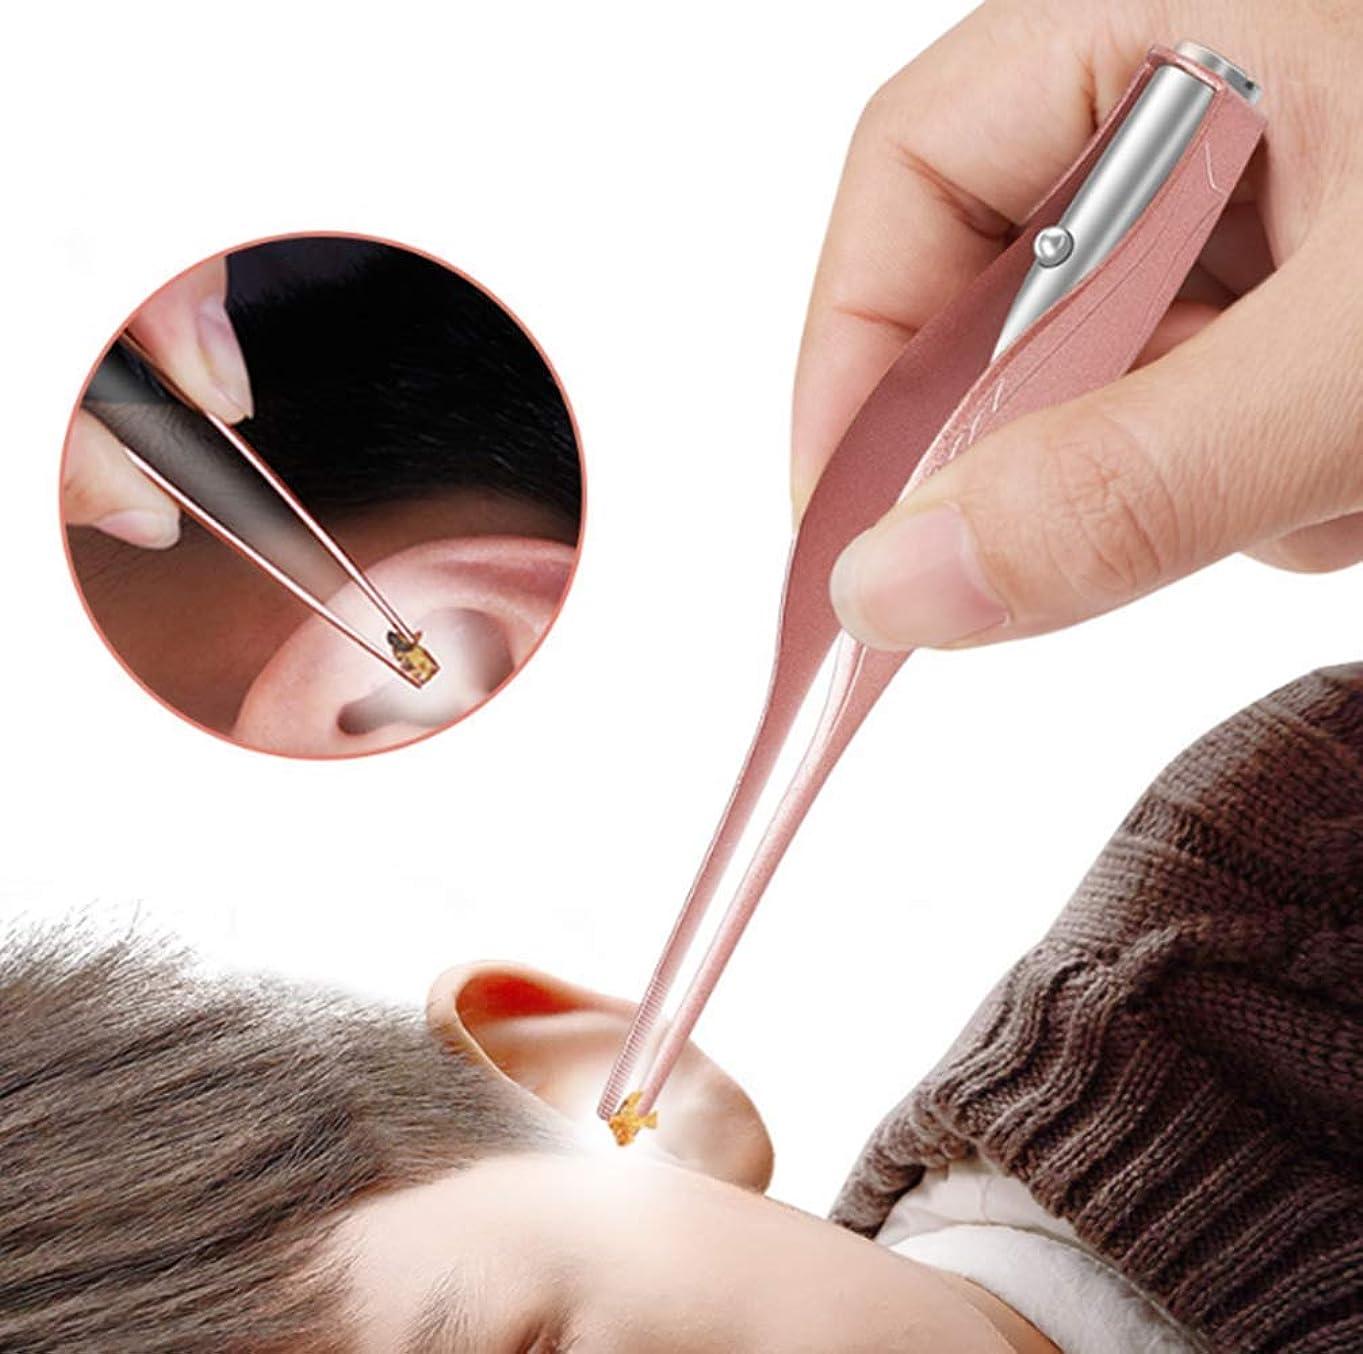 不規則な楽観的酸度耳かき ピンセット LEDライト付き 耳掃除 子供用 極細先端 ステンレス製 ピンセットタイプ ミミ光棒 はっきり見える 電池付き (ローズゴールド)